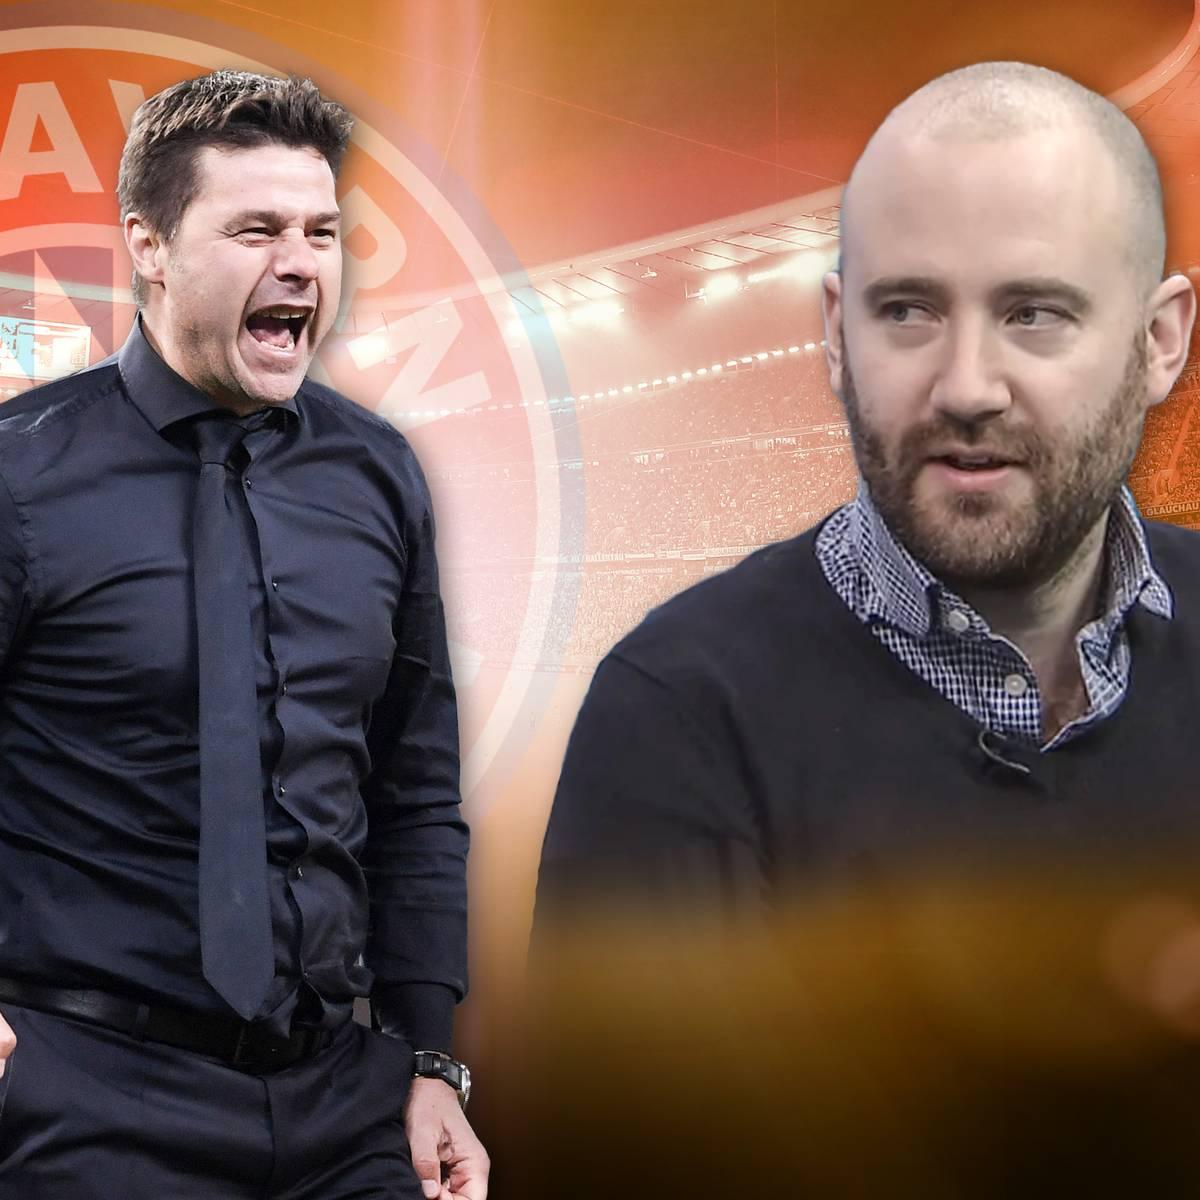 Pocchettino: Bayern oder Dortmund?